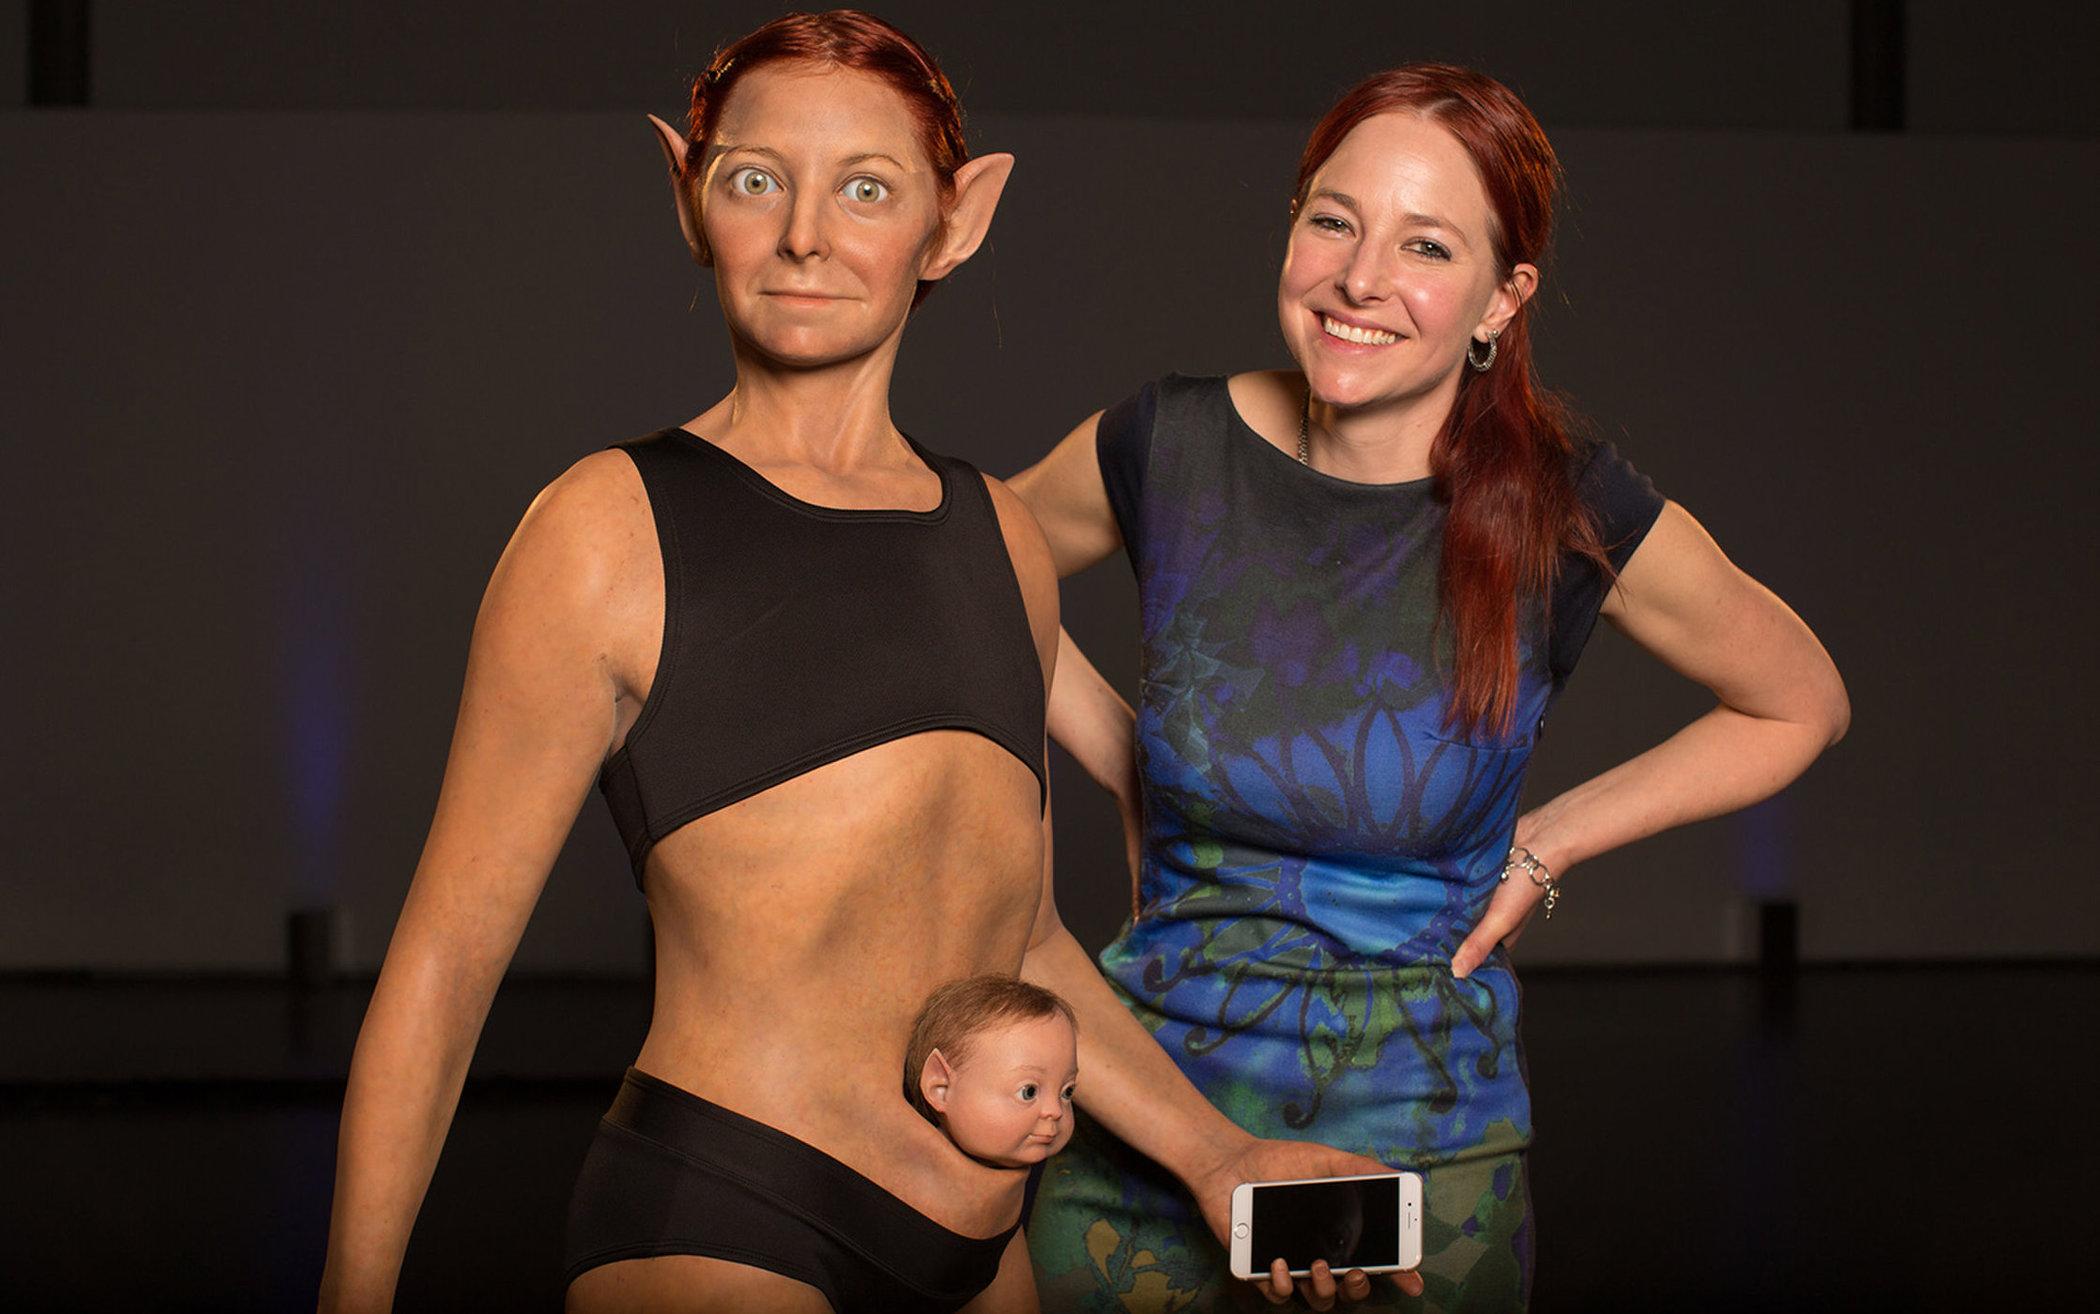 """科学家打造""""完美""""女性身体 但看起来实在可怕的照片 - 1"""